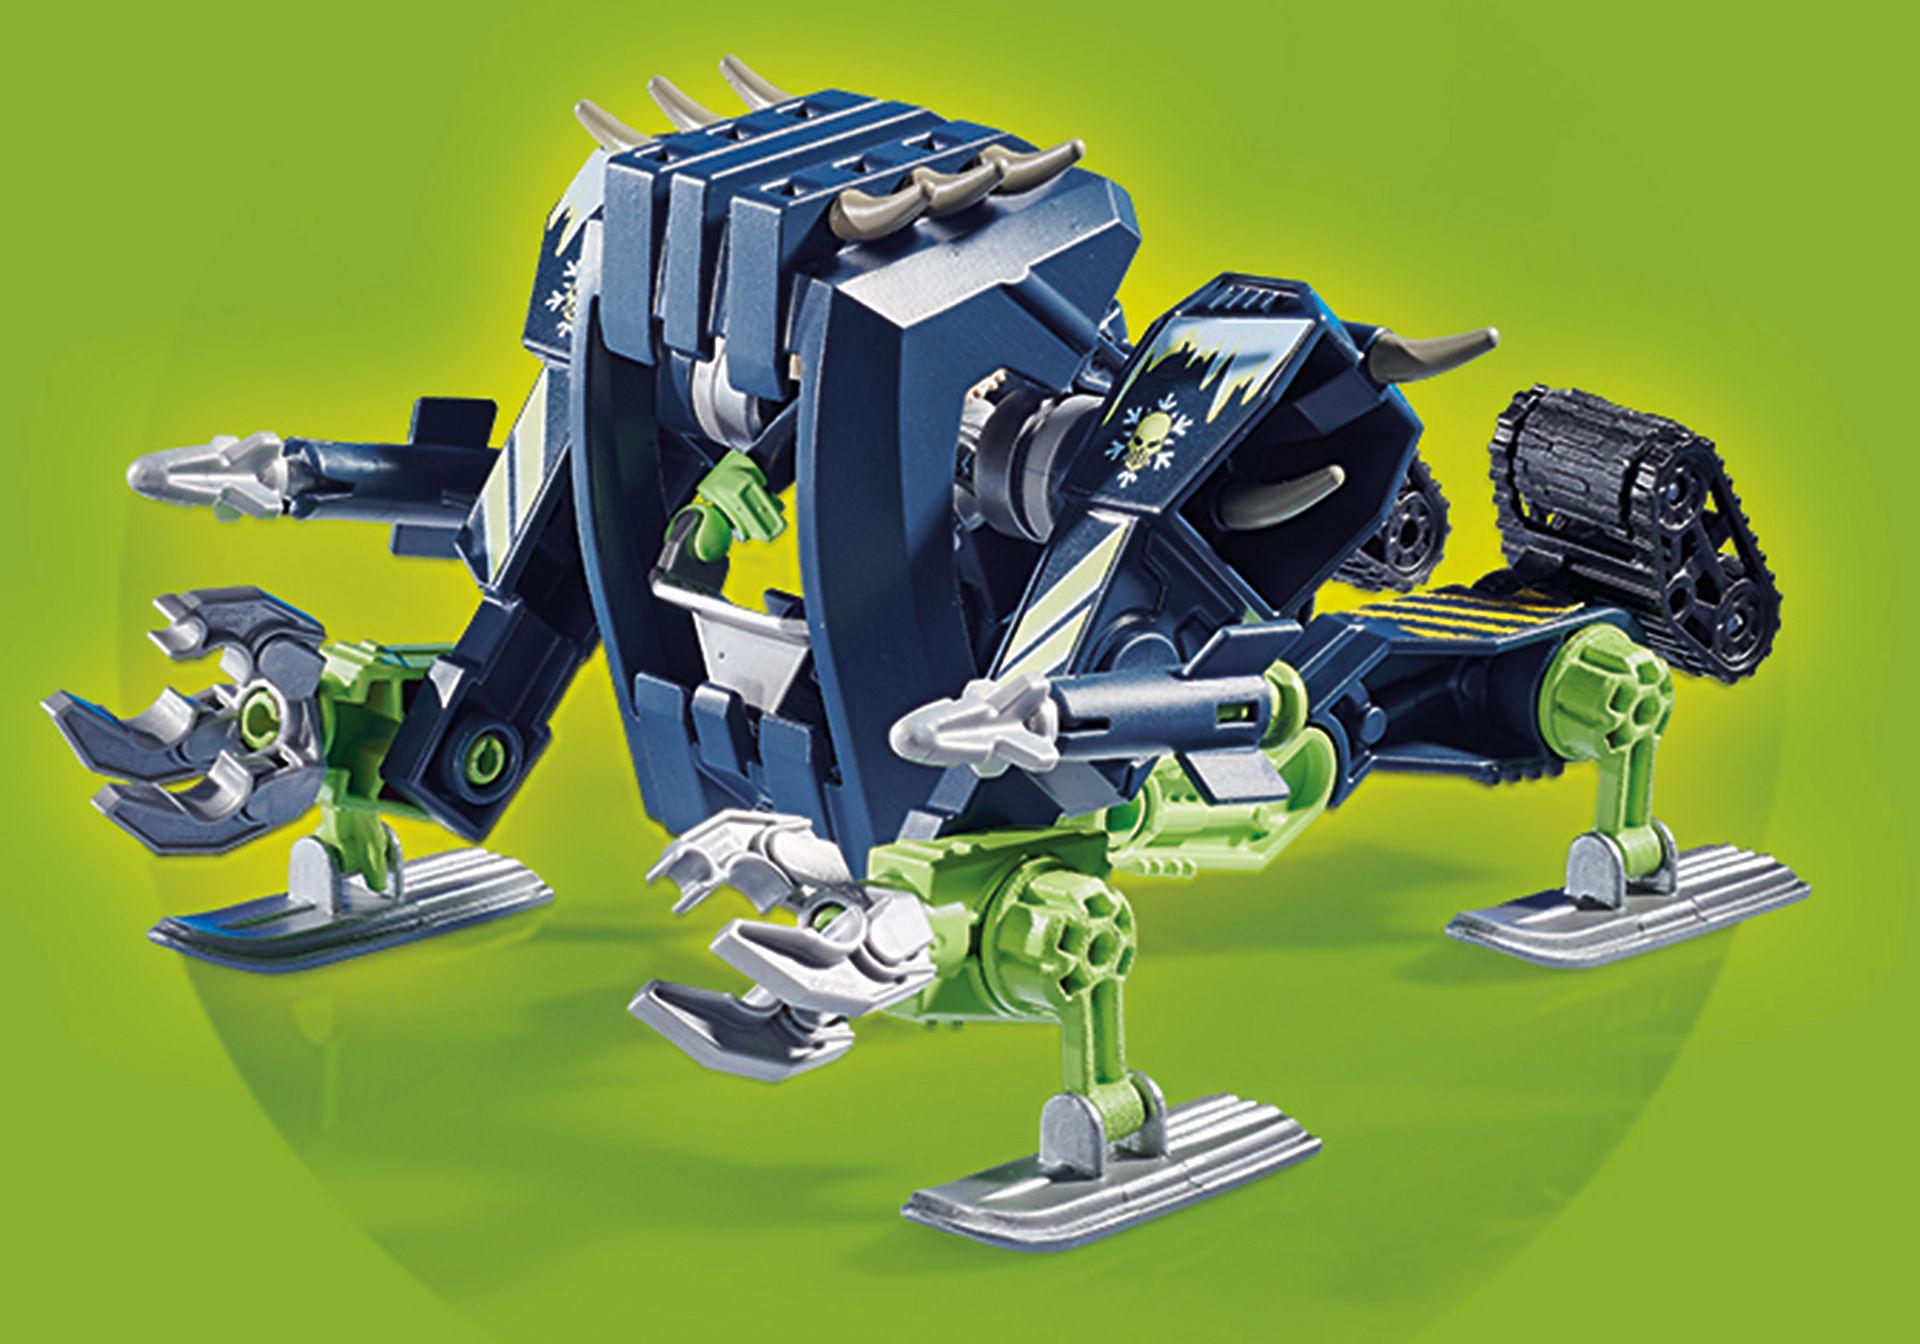 70233 Arctic Rebels Robot de Hielo zoom image5